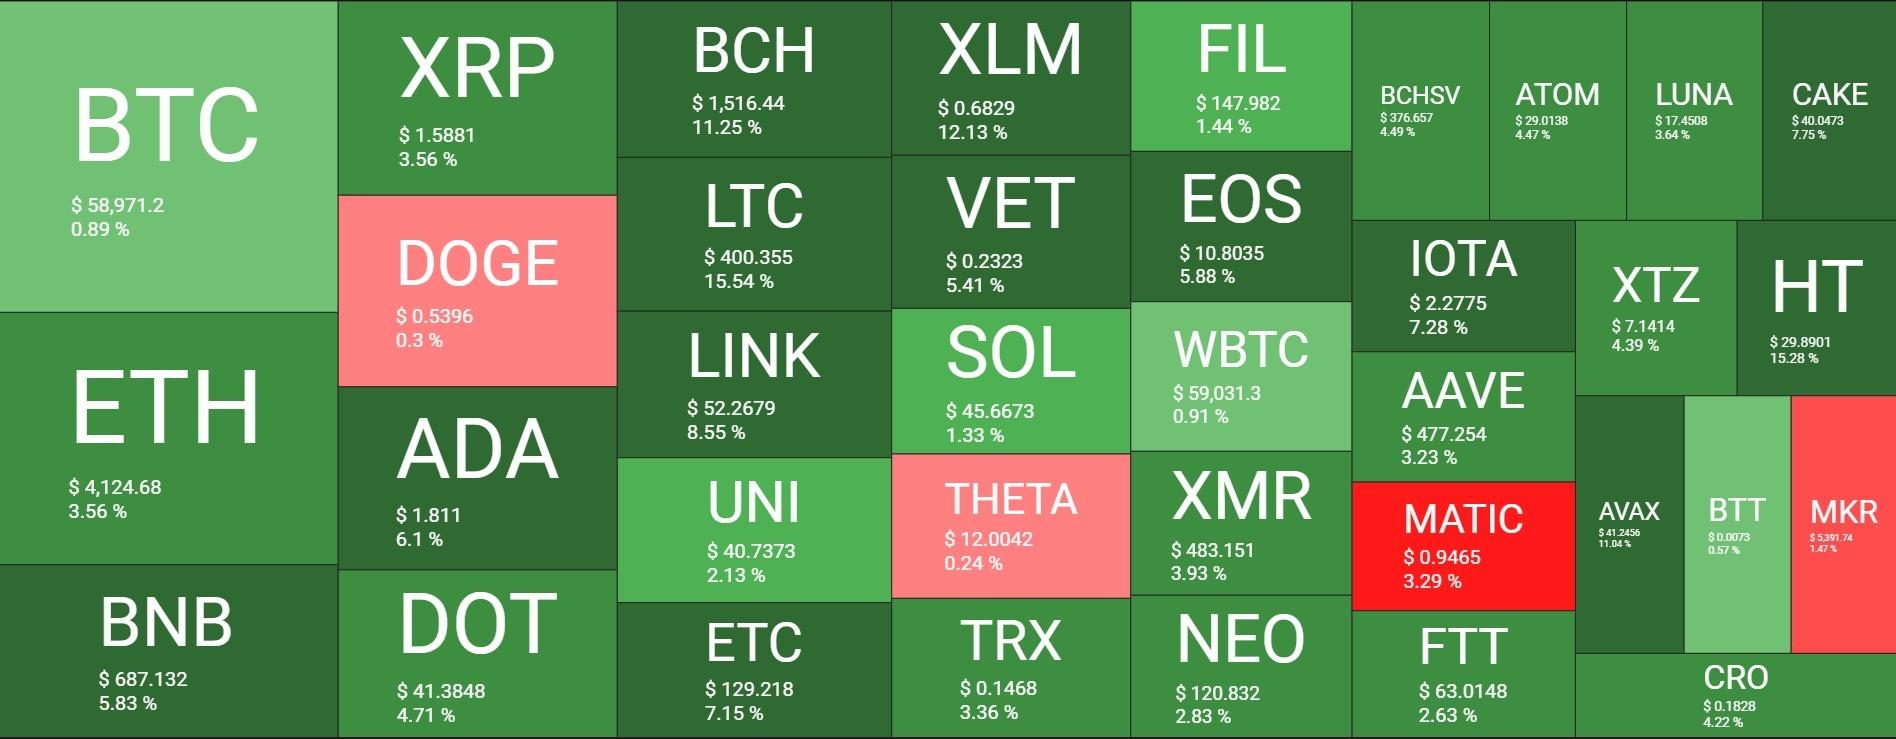 بازار 20 - نگاهی کلی به وضعیت بازار امروز رمزارزها (20 اردیبهشت)